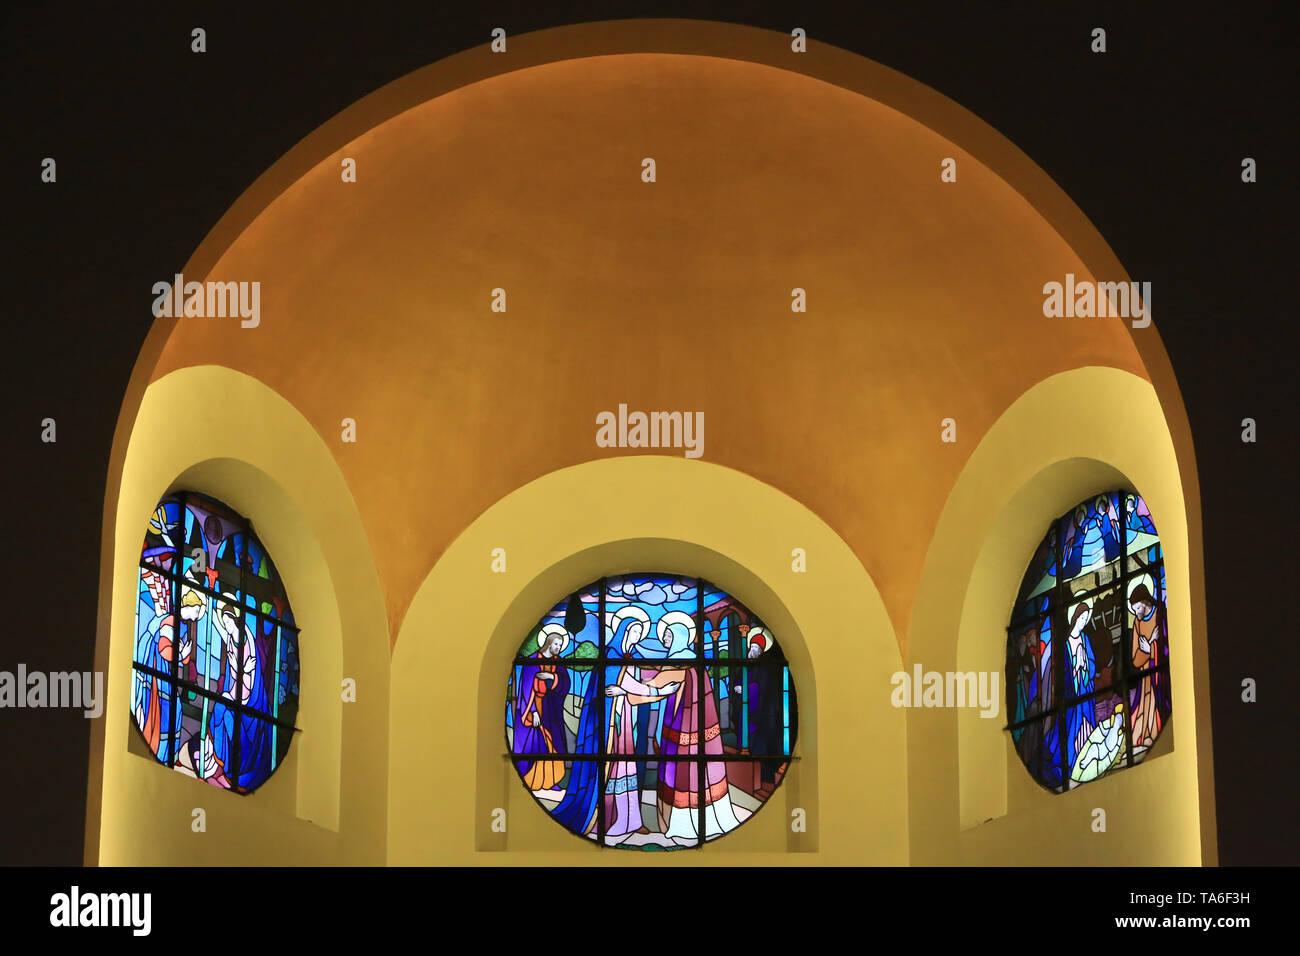 Vitraux. Eglise Notre-Dame de Lourdes. Chaville. Glasmalerei. Kirche Unserer Lieben Frau von Lourdes. Stockbild